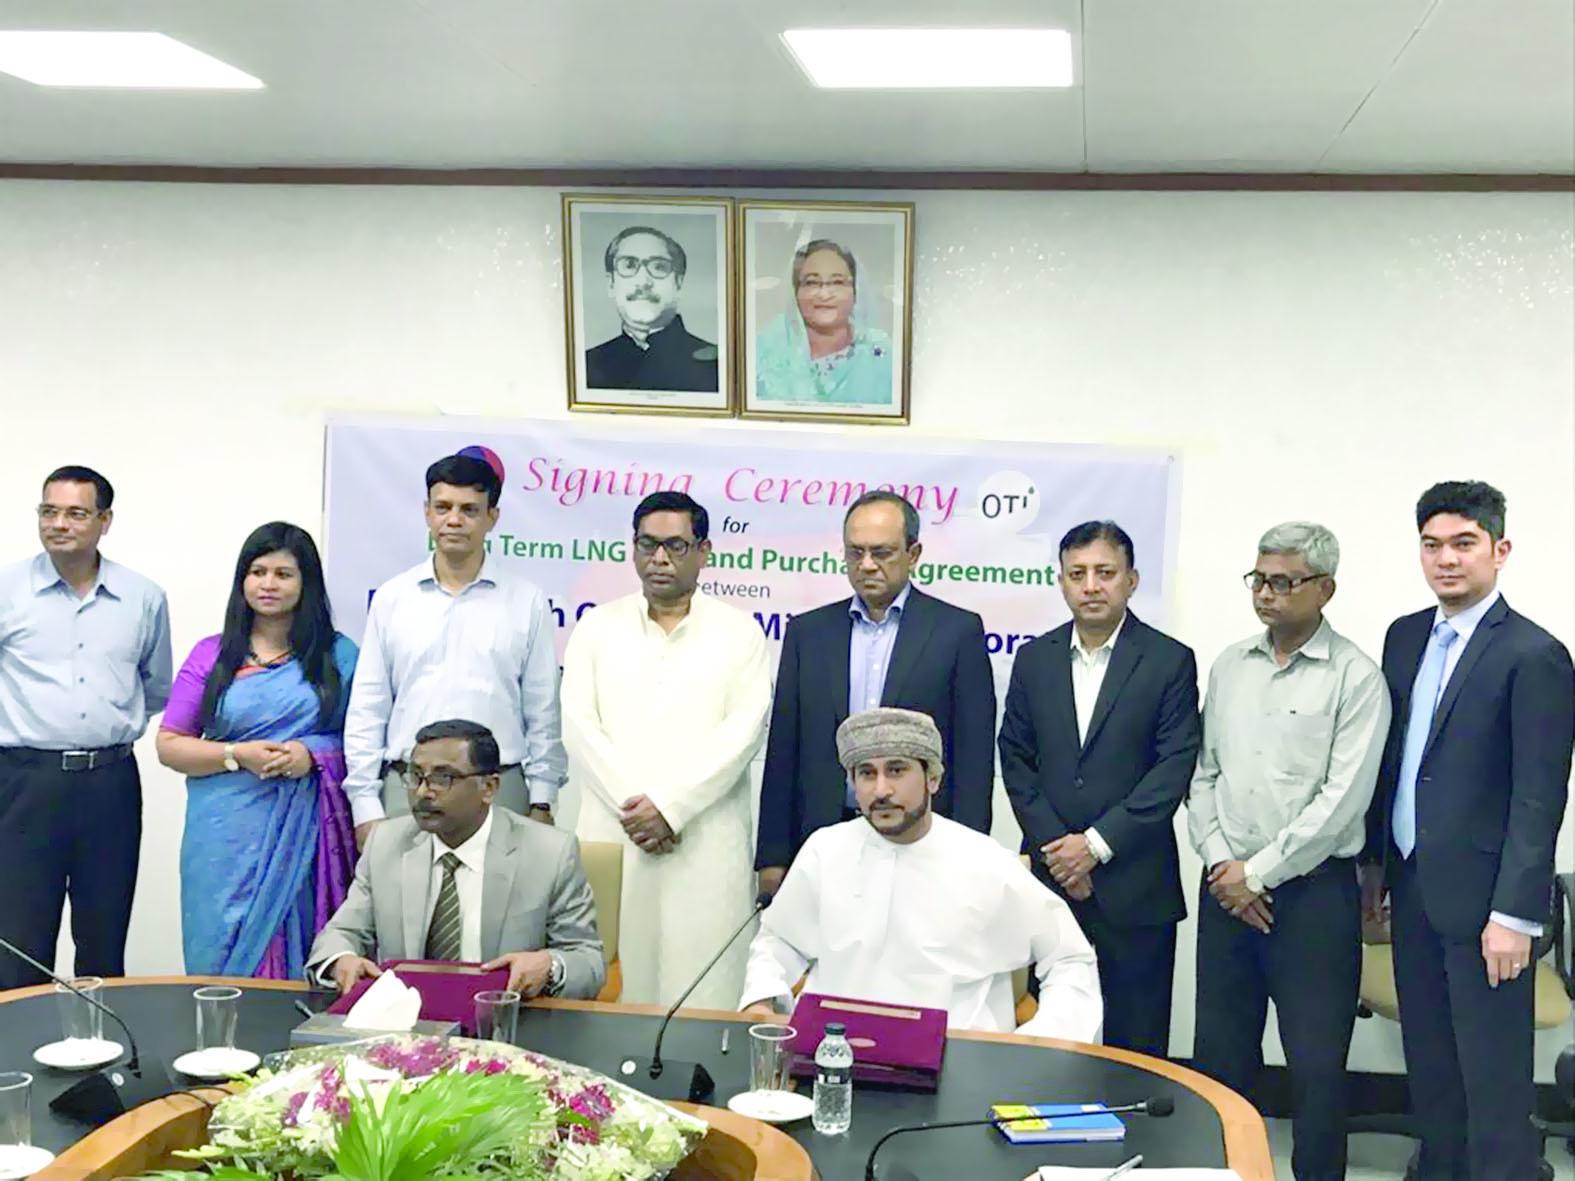 لمدة 10 سنوات توقيع اتفاقية بيع وشراء الغاز مع بنجلاديش